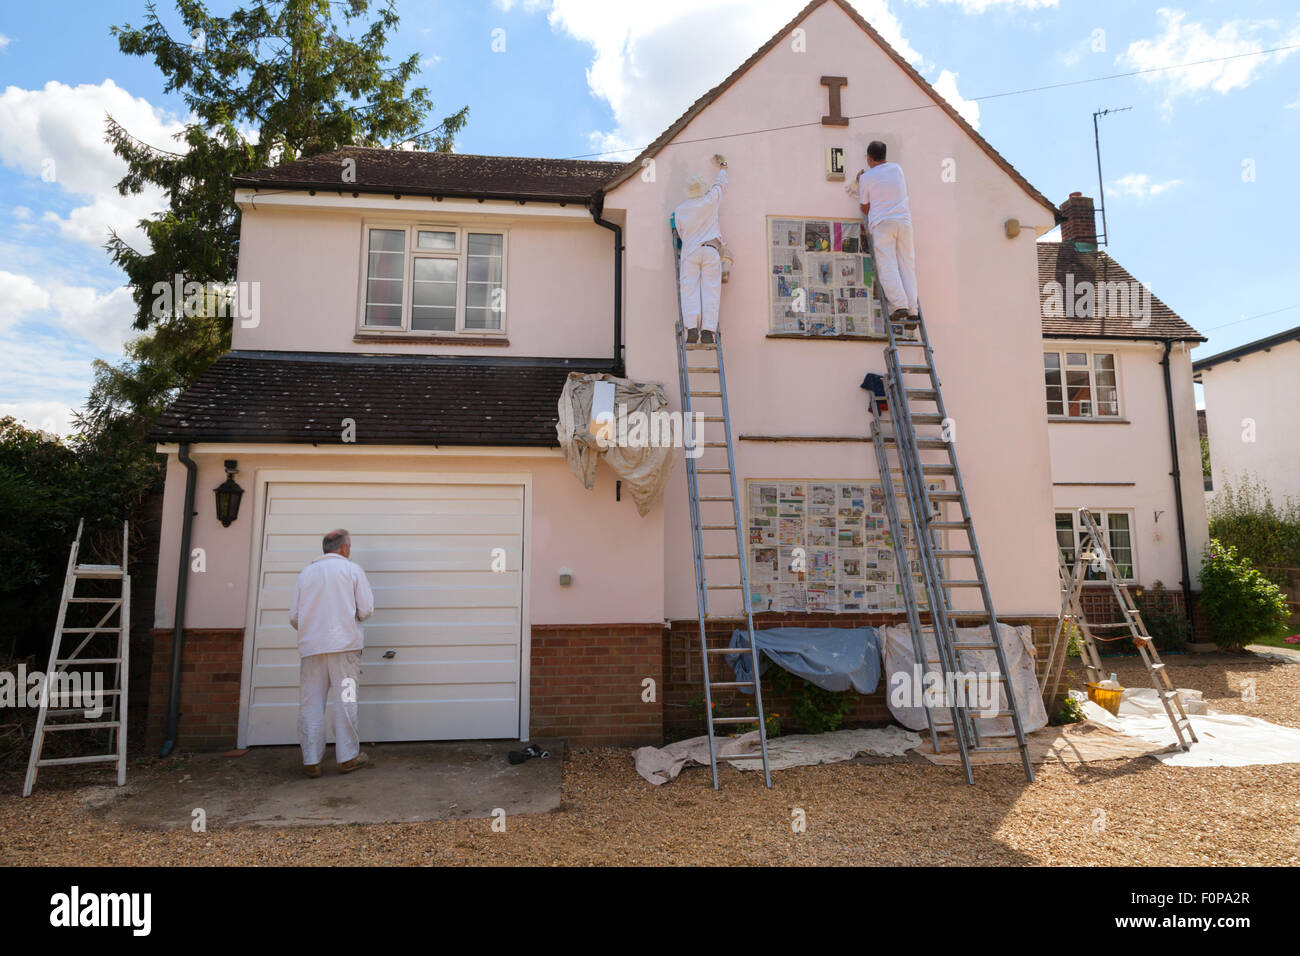 Casa professionale pittori pittura la parte esterna di una casa, Suffolk, East Anglia England Regno Unito Immagini Stock